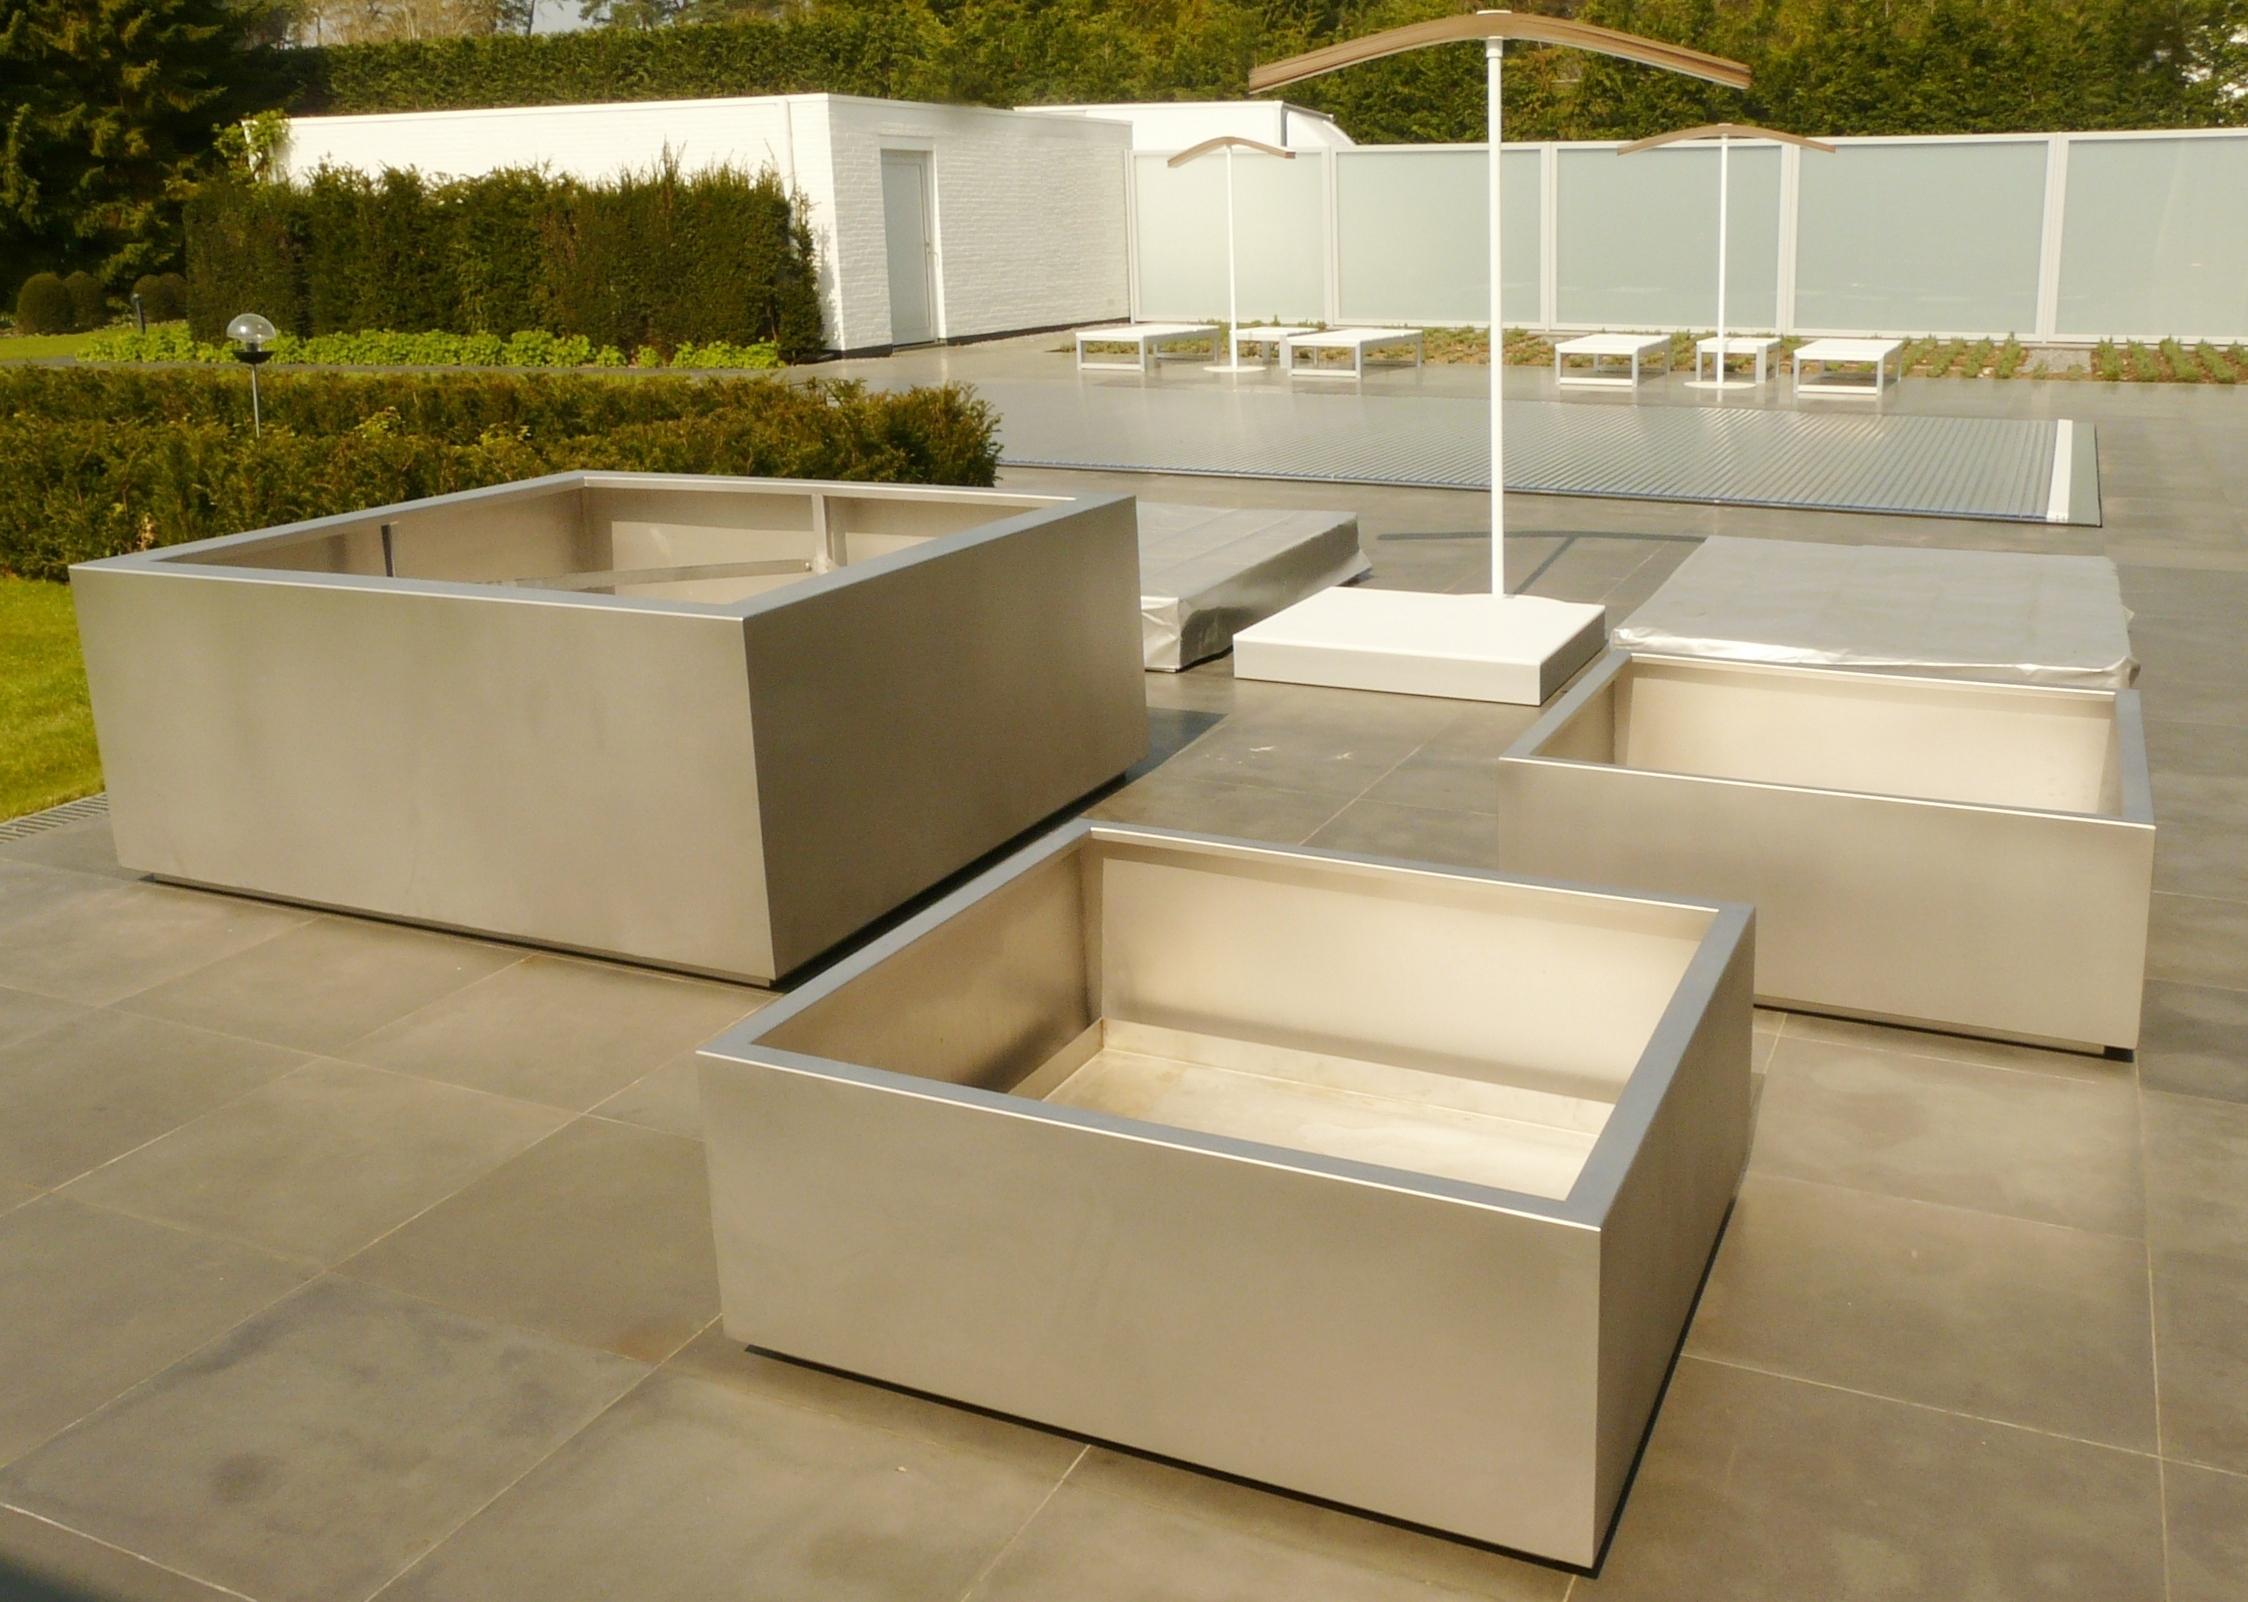 Jardinière Bac ALASKA acier inox 2mm 185xh75 et 115xh45cm, finition microbillage, système tenue de motte de grand arbre